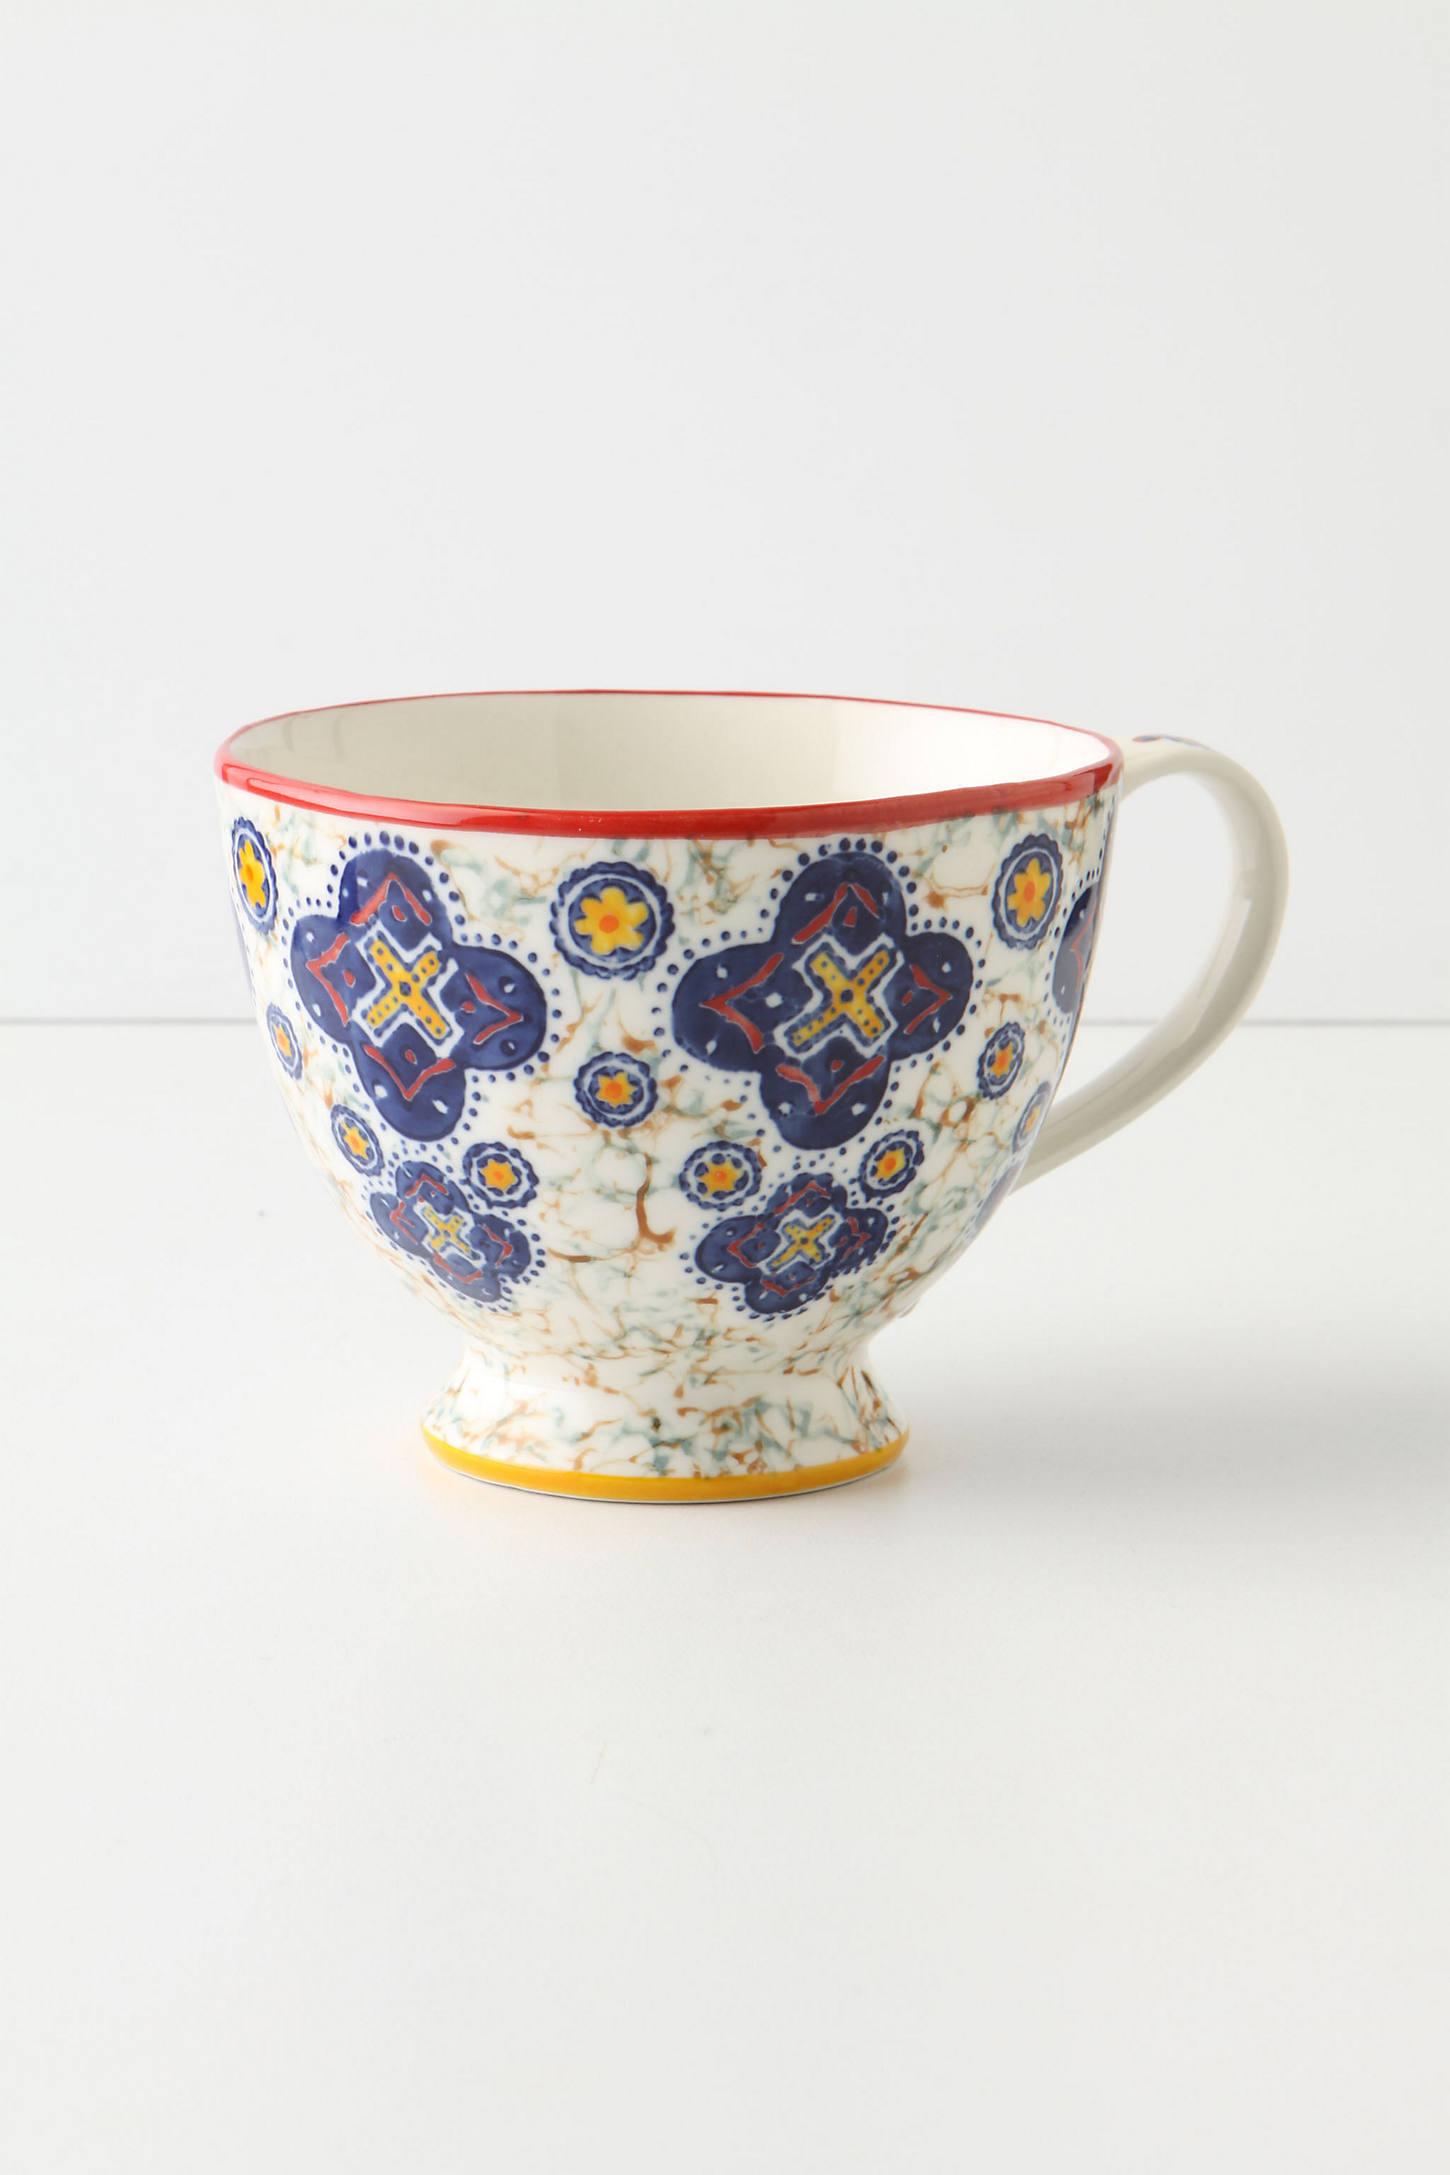 Kebaya Mug